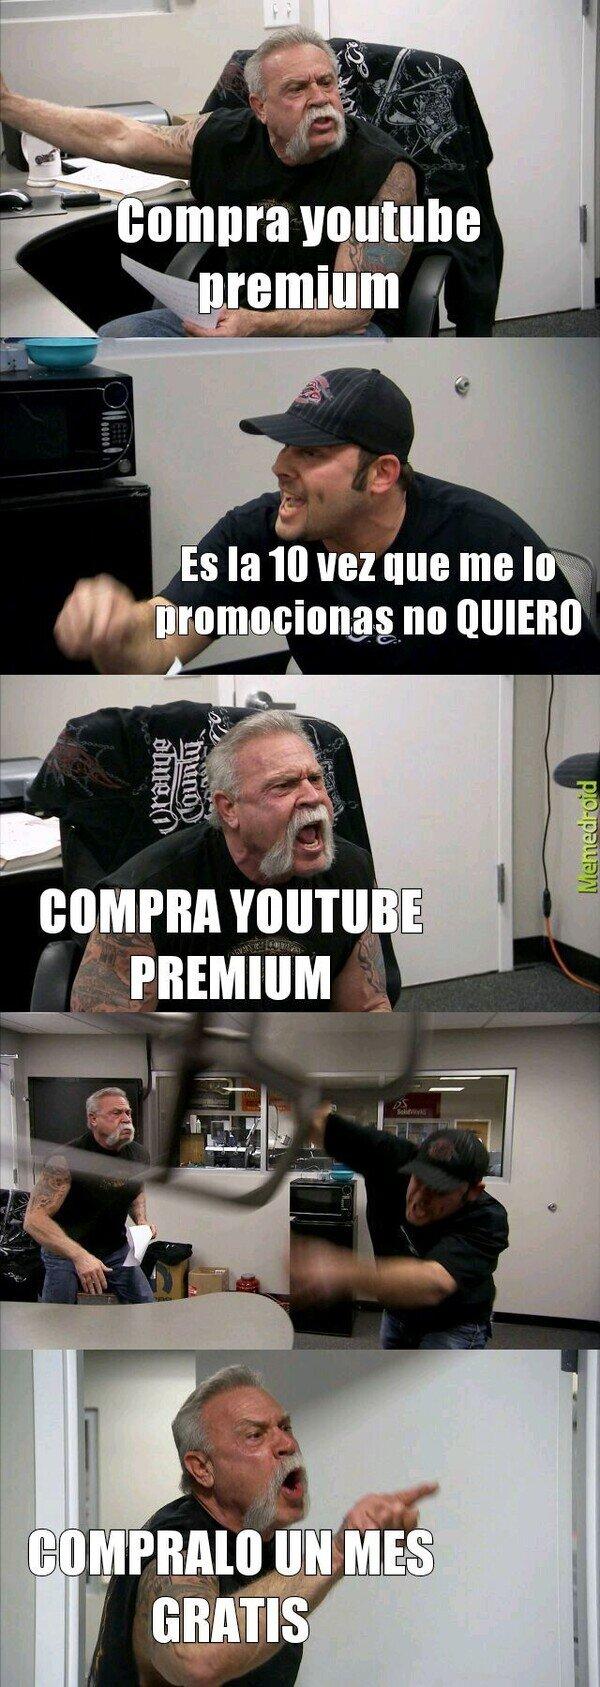 discusión,insistir,premium,youtube